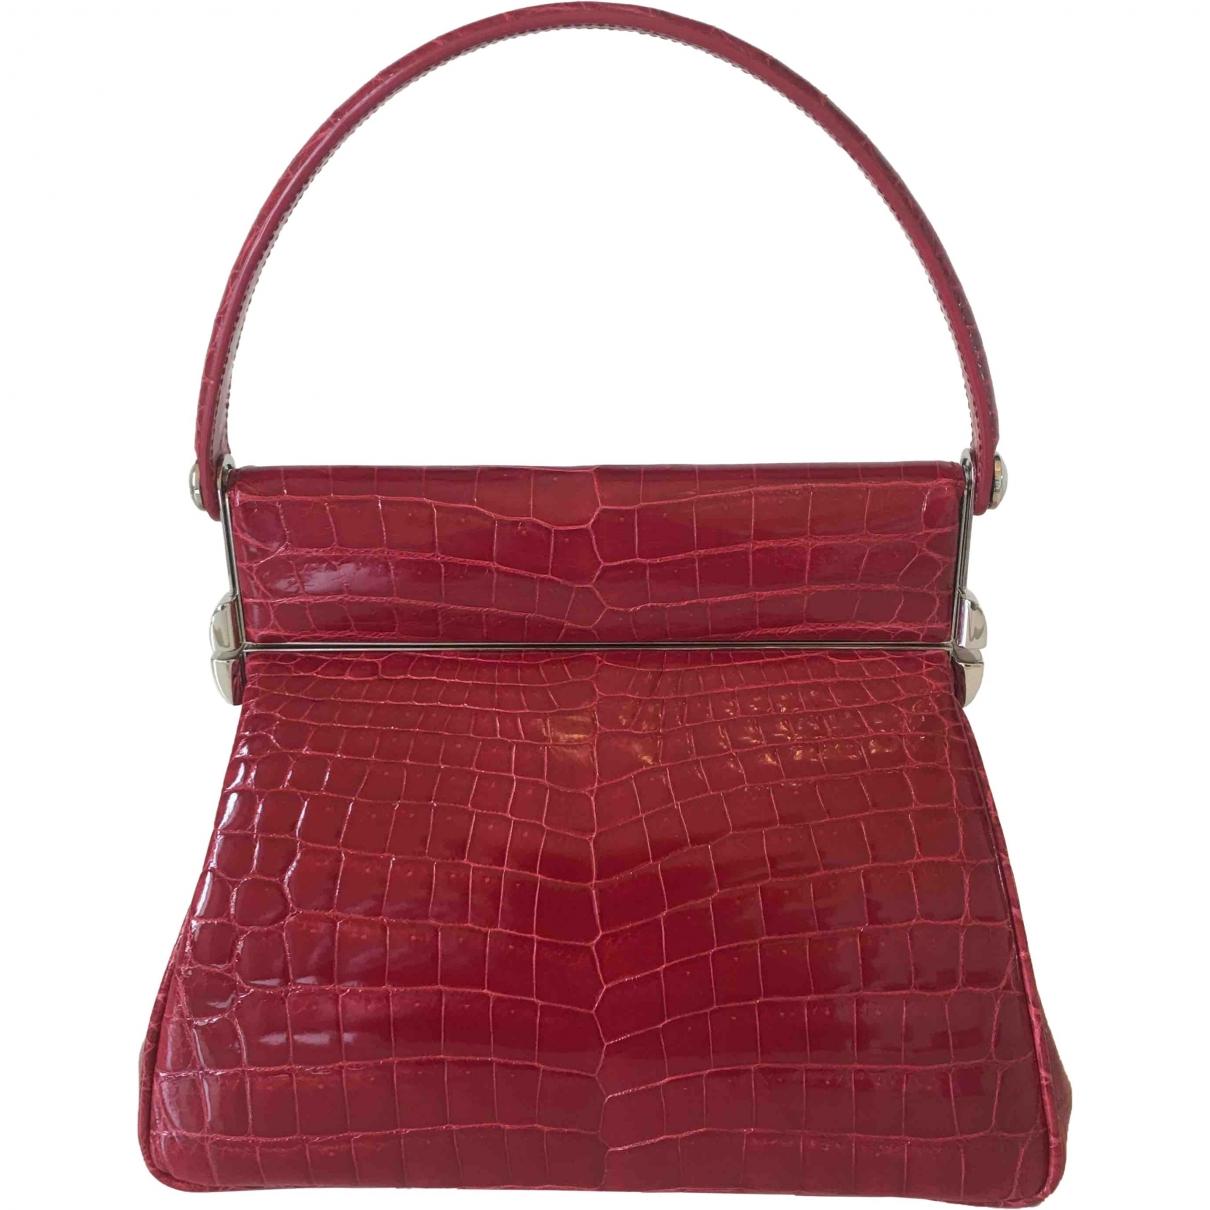 Dior Babe Handtasche in  Rot Krokodil